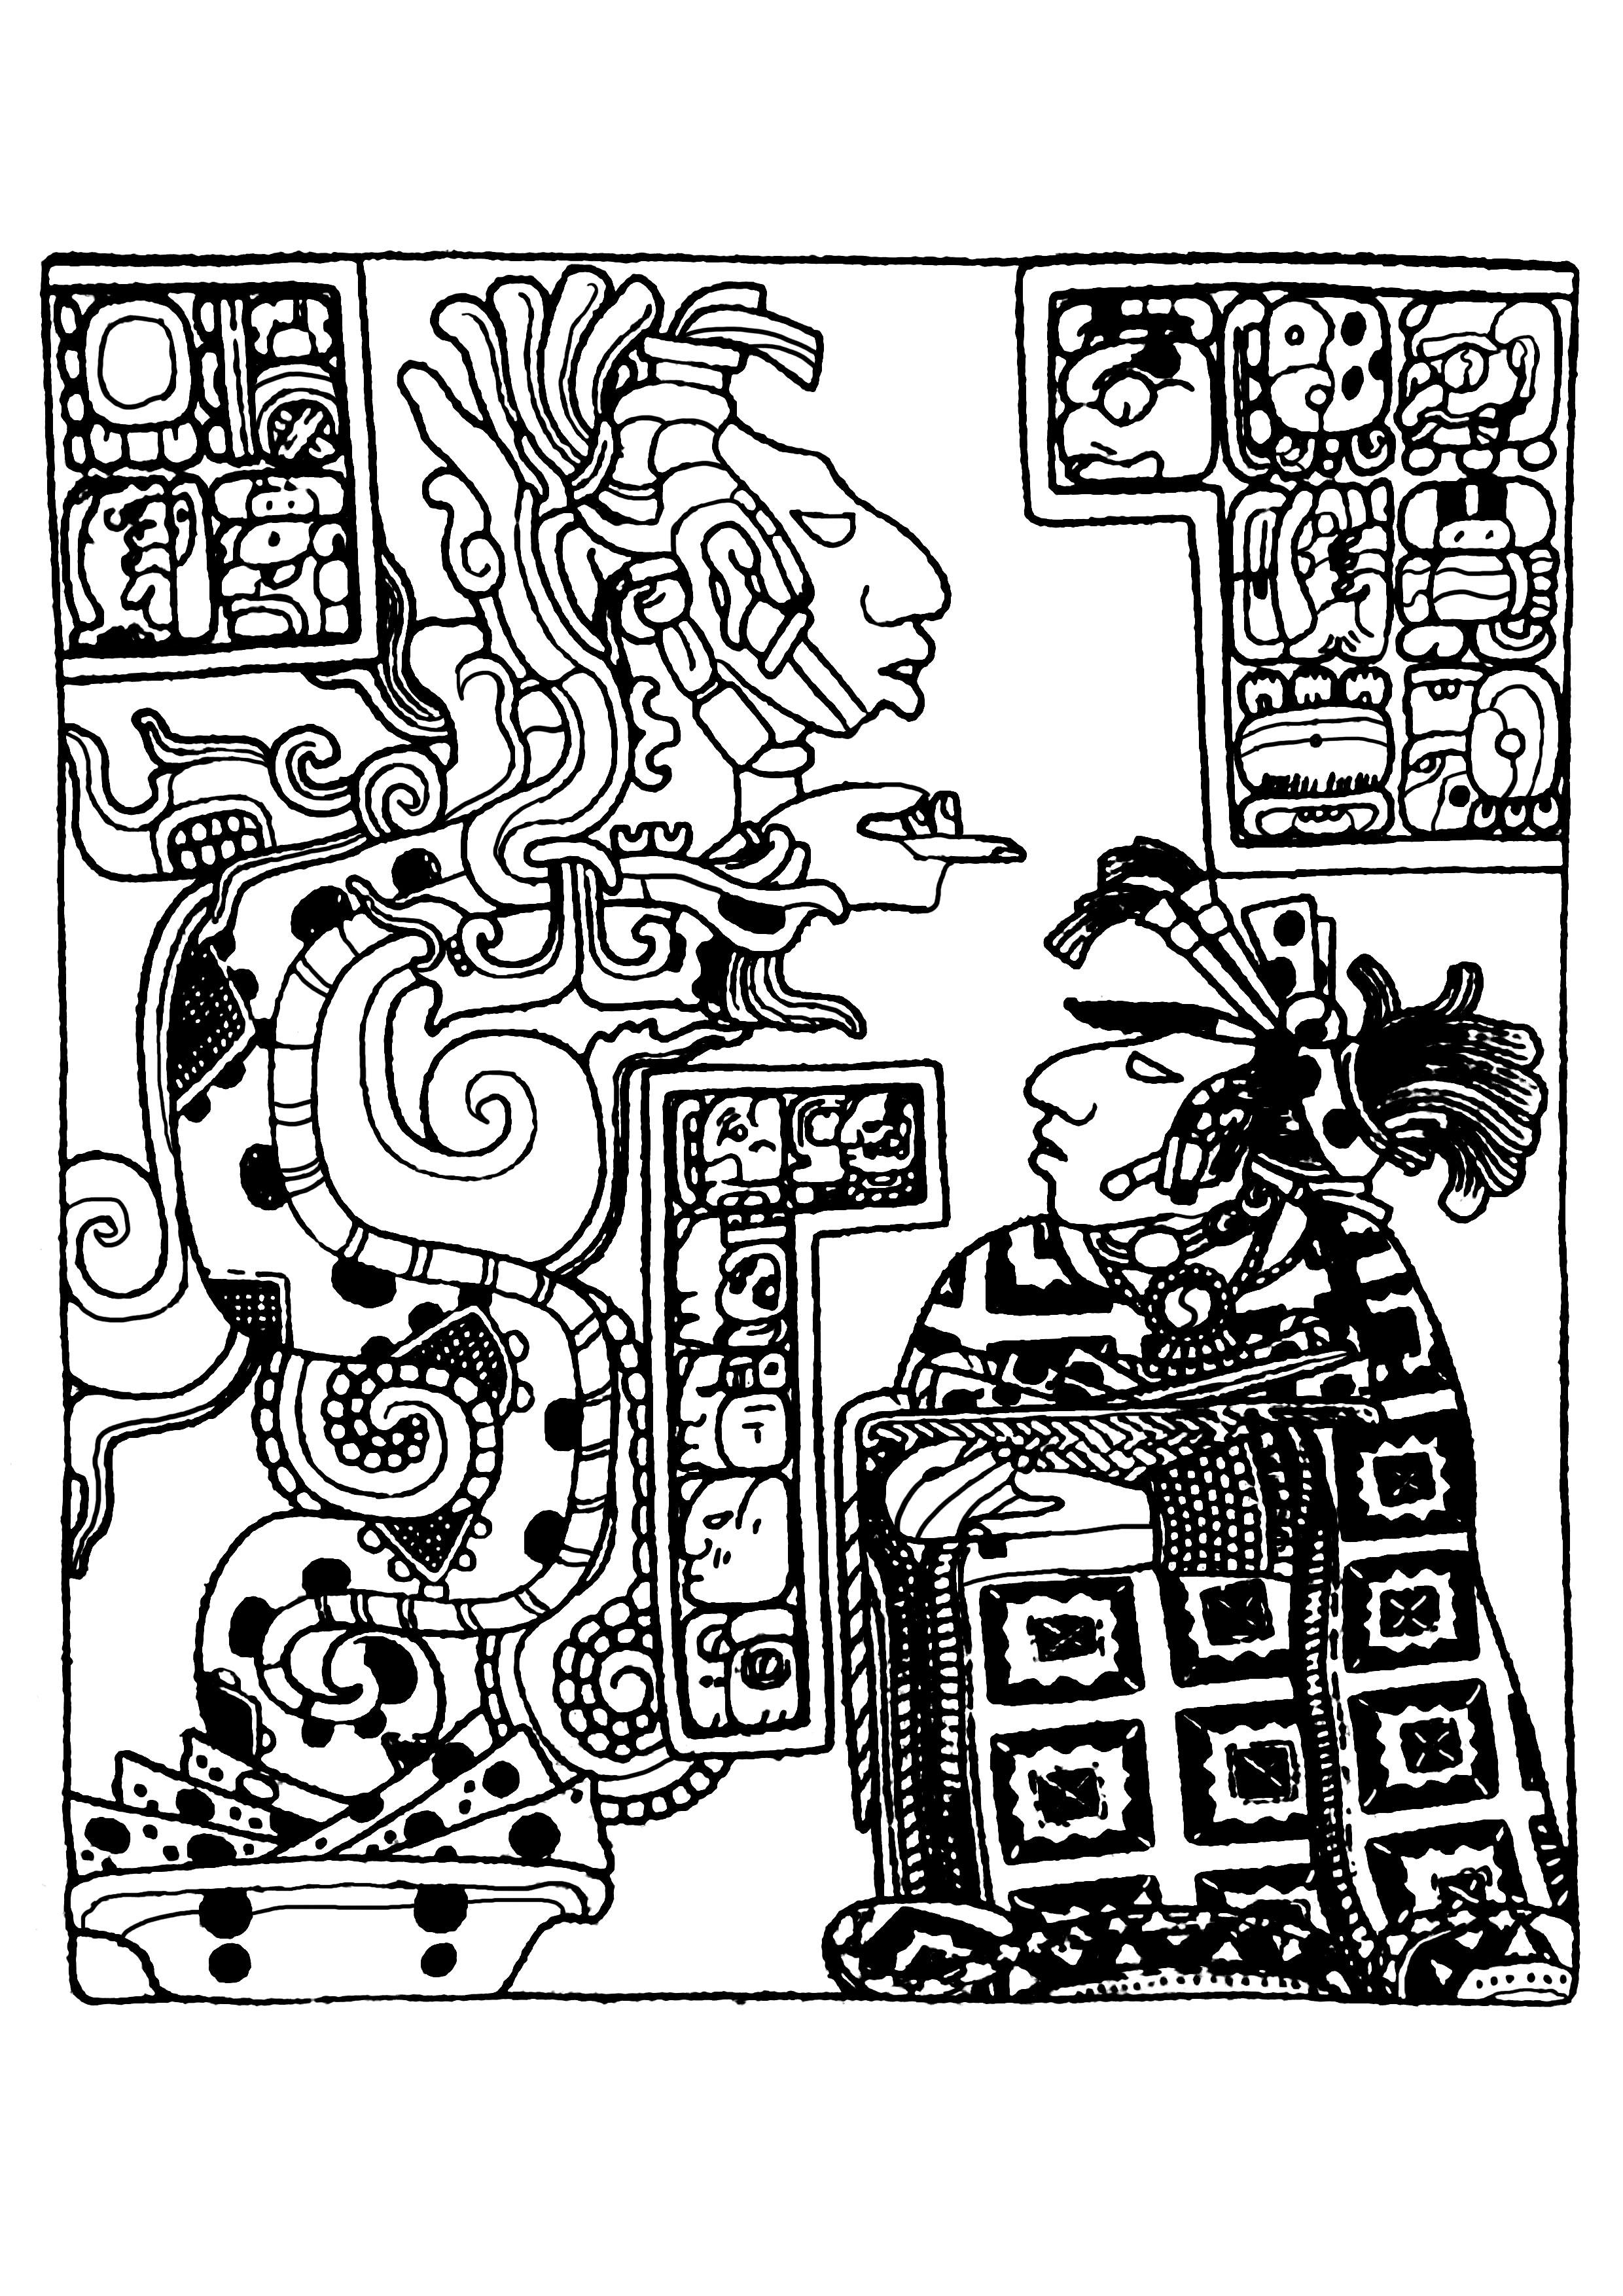 Disegni da colorare per adulti : Maya, Aztechi e Incas - 26